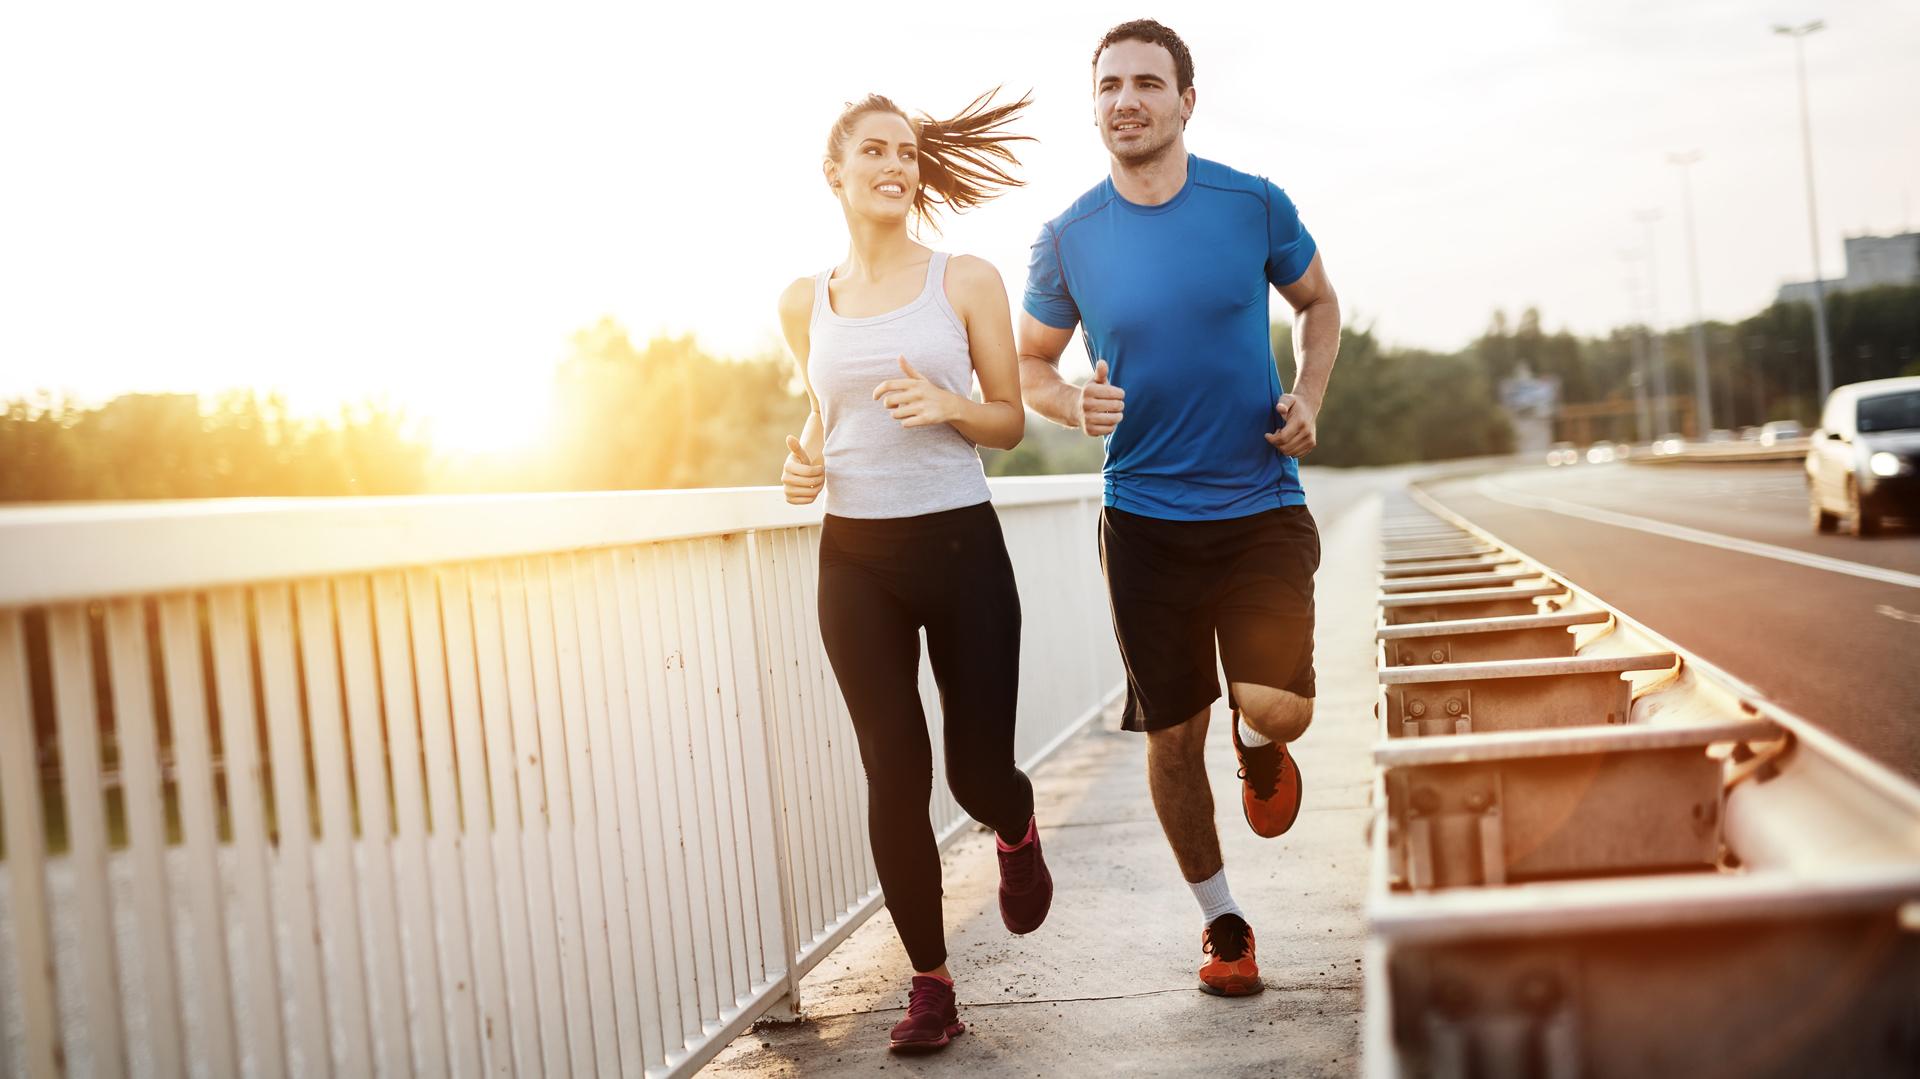 Iniciar la actividad antes de las 10 am o después de las 20 pm es el horario idea para evitar inconvenientes de salud (Getty)